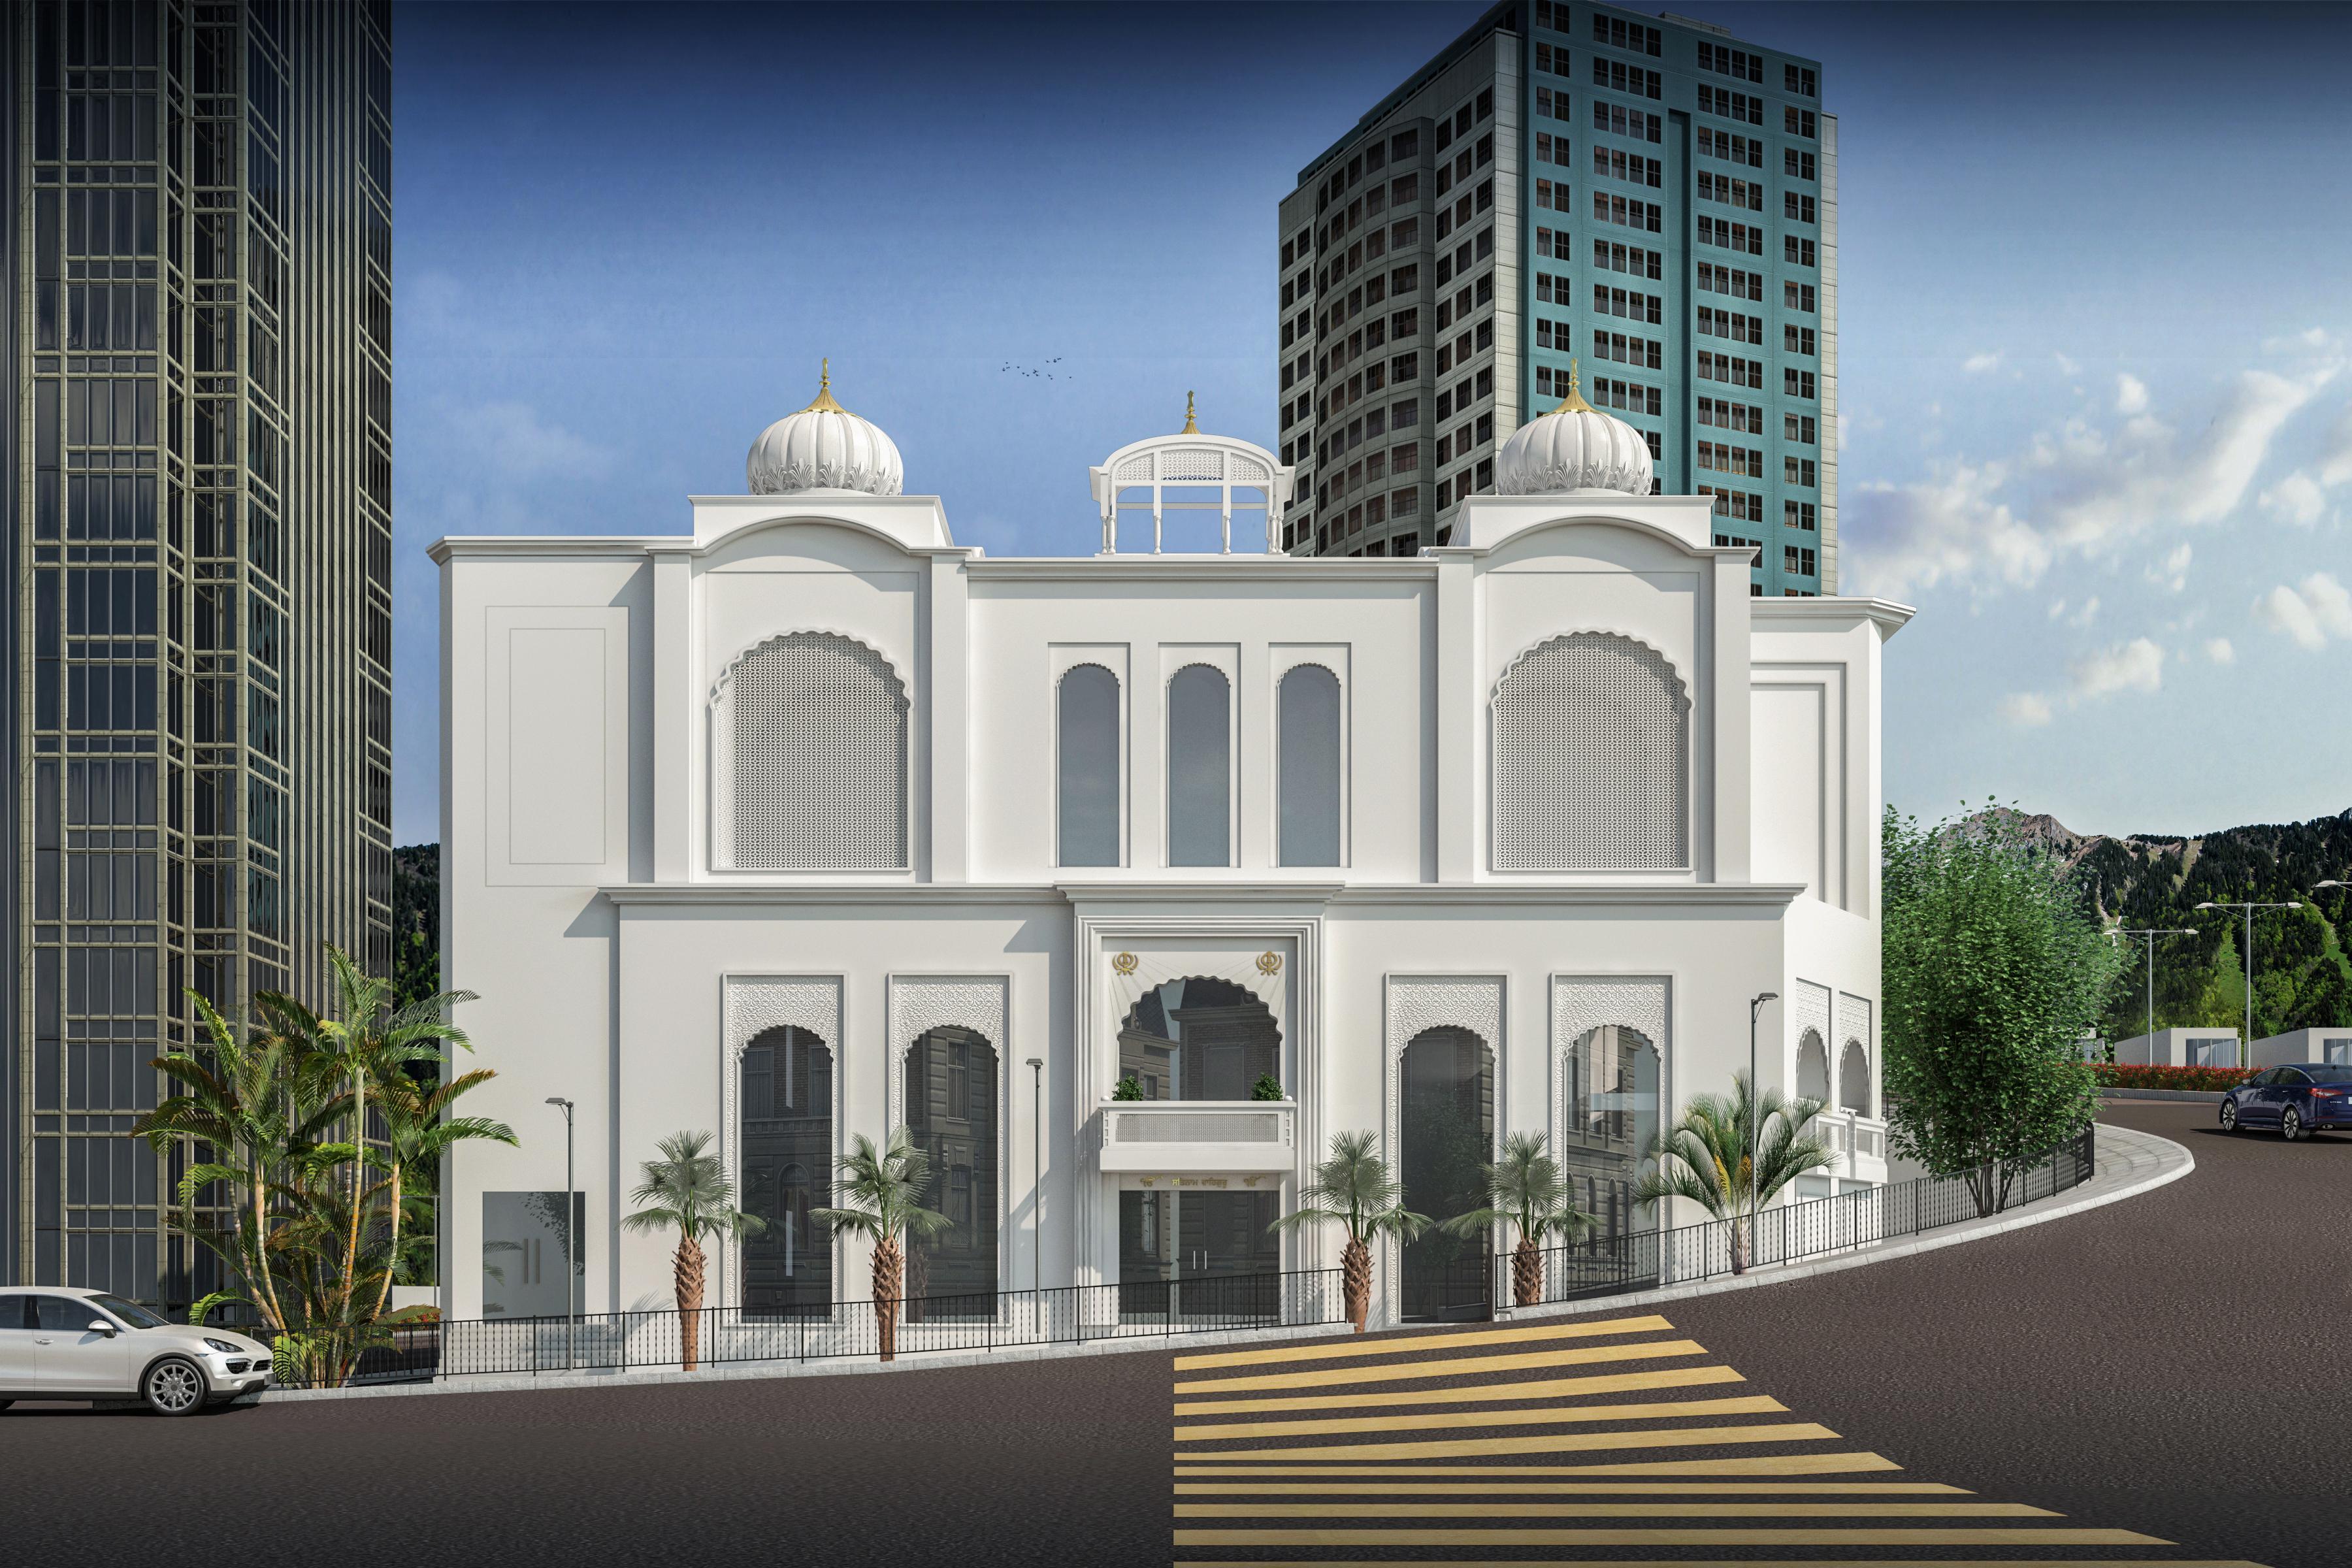 Khalsa Diwan Hong Kong – Gurudwara Sahib (Sikh Temple)